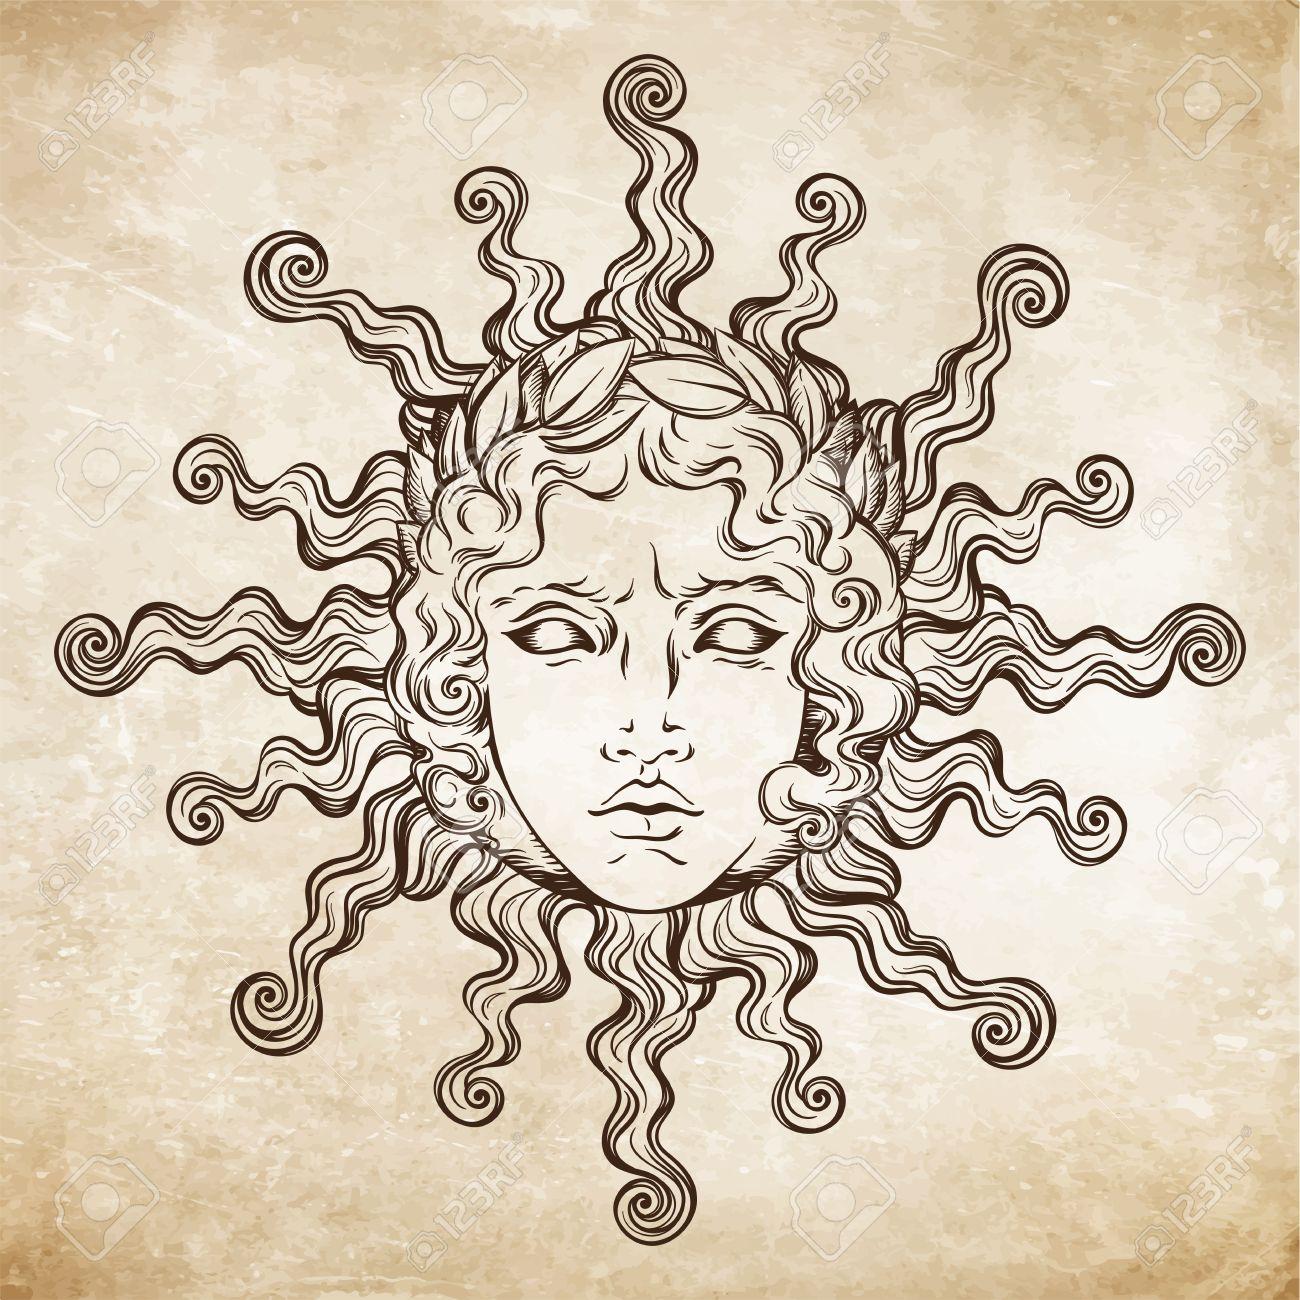 Le Soleil De Style Antique Dessine A La Main Avec Le Visage Du Dieu